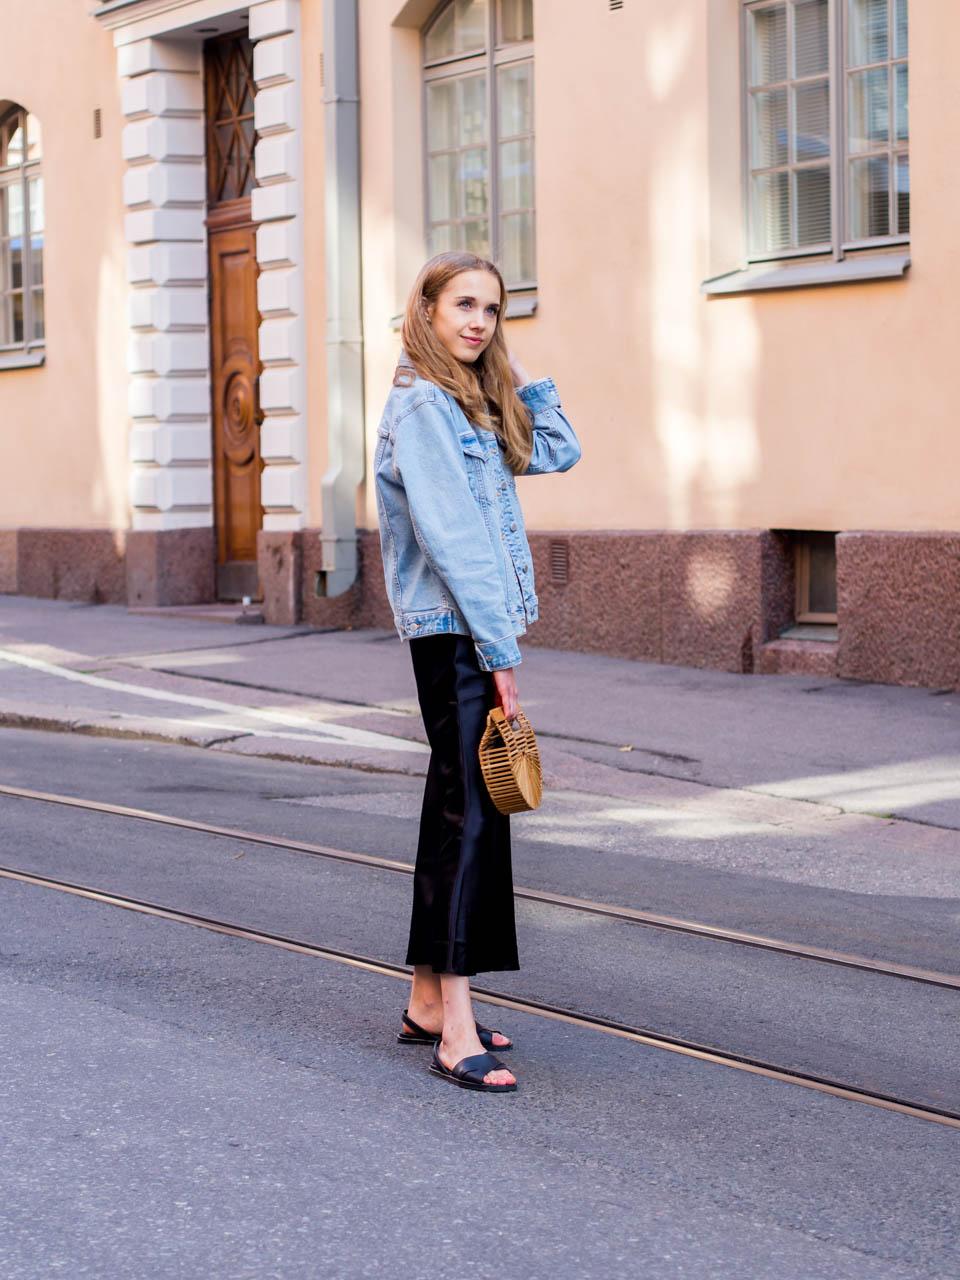 positivity-challenge-slip-dress-outfit-fashion-blogger-streetstyle-positiivisuushaaste-silkkimekko-muoti-bloggaaja